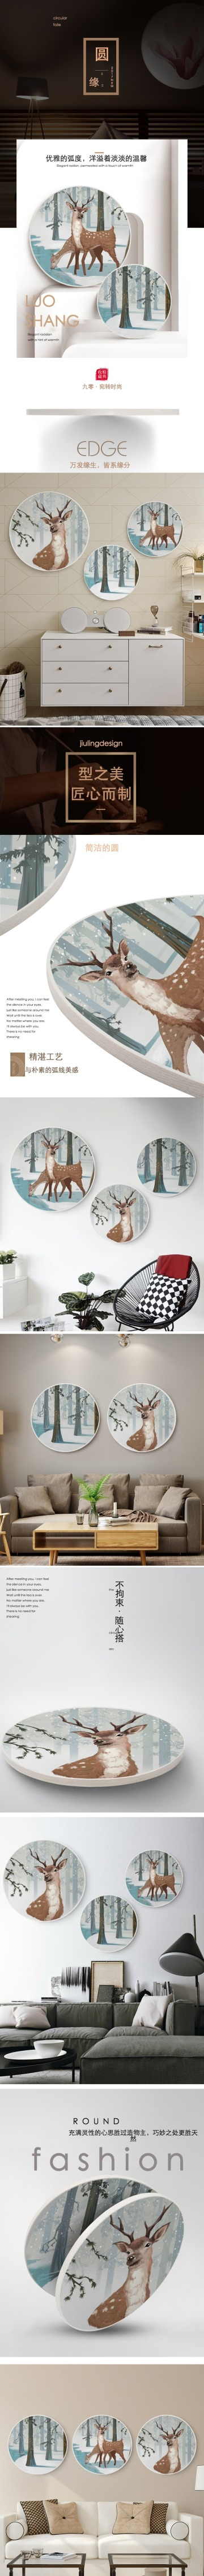 简约时尚中国风装饰画电商详情图